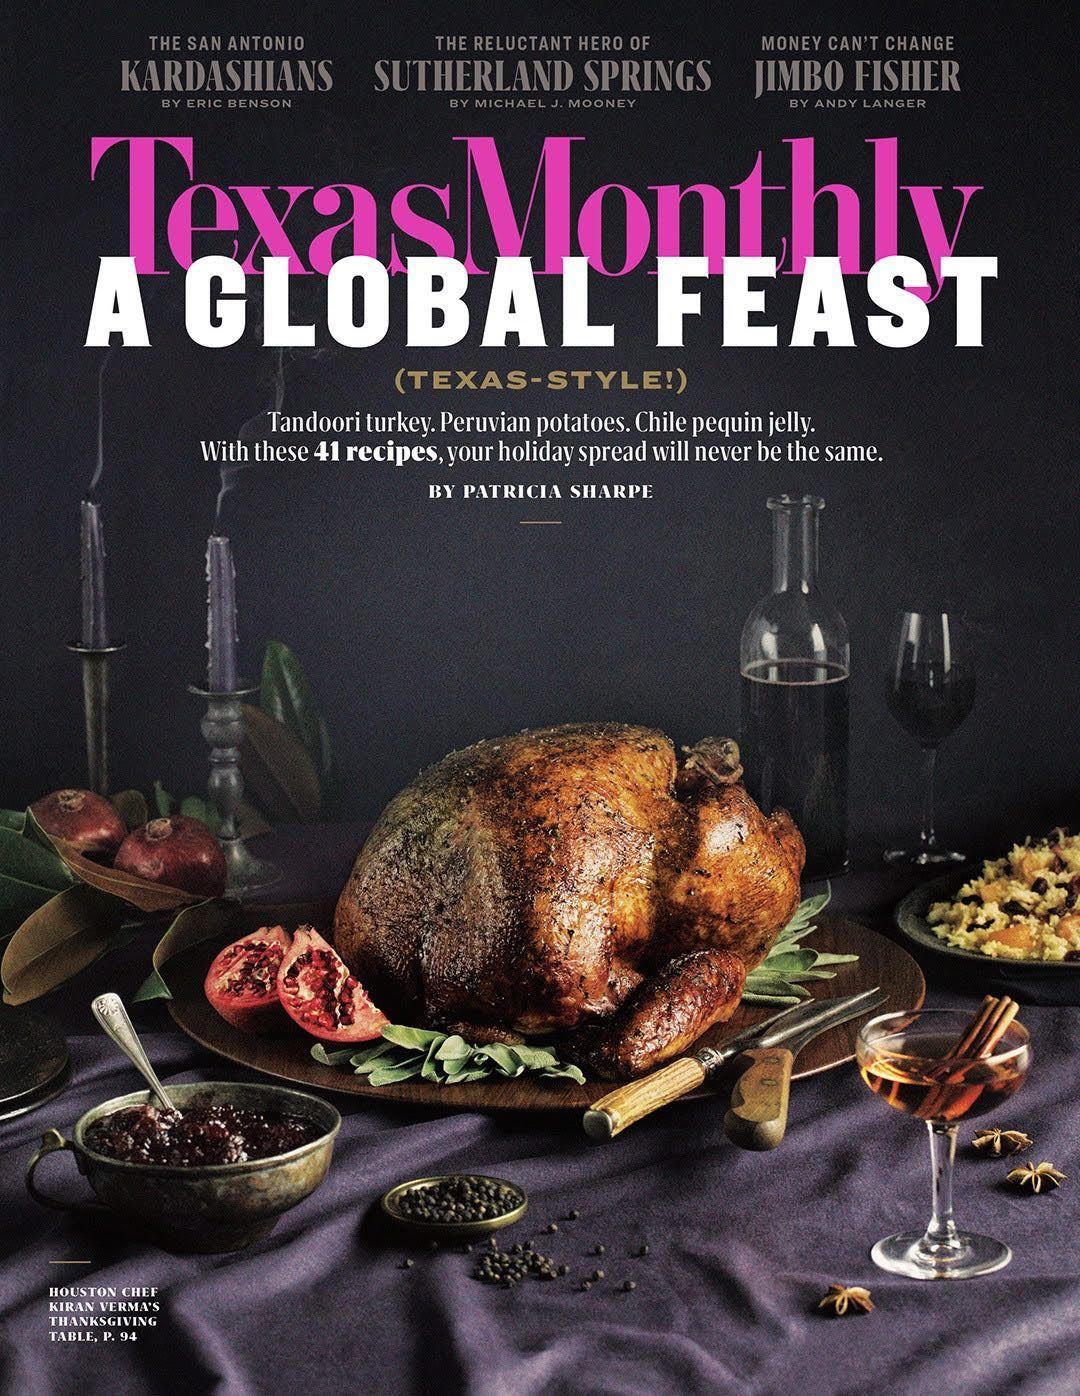 Texas Monthly Cover November 2018.jpg